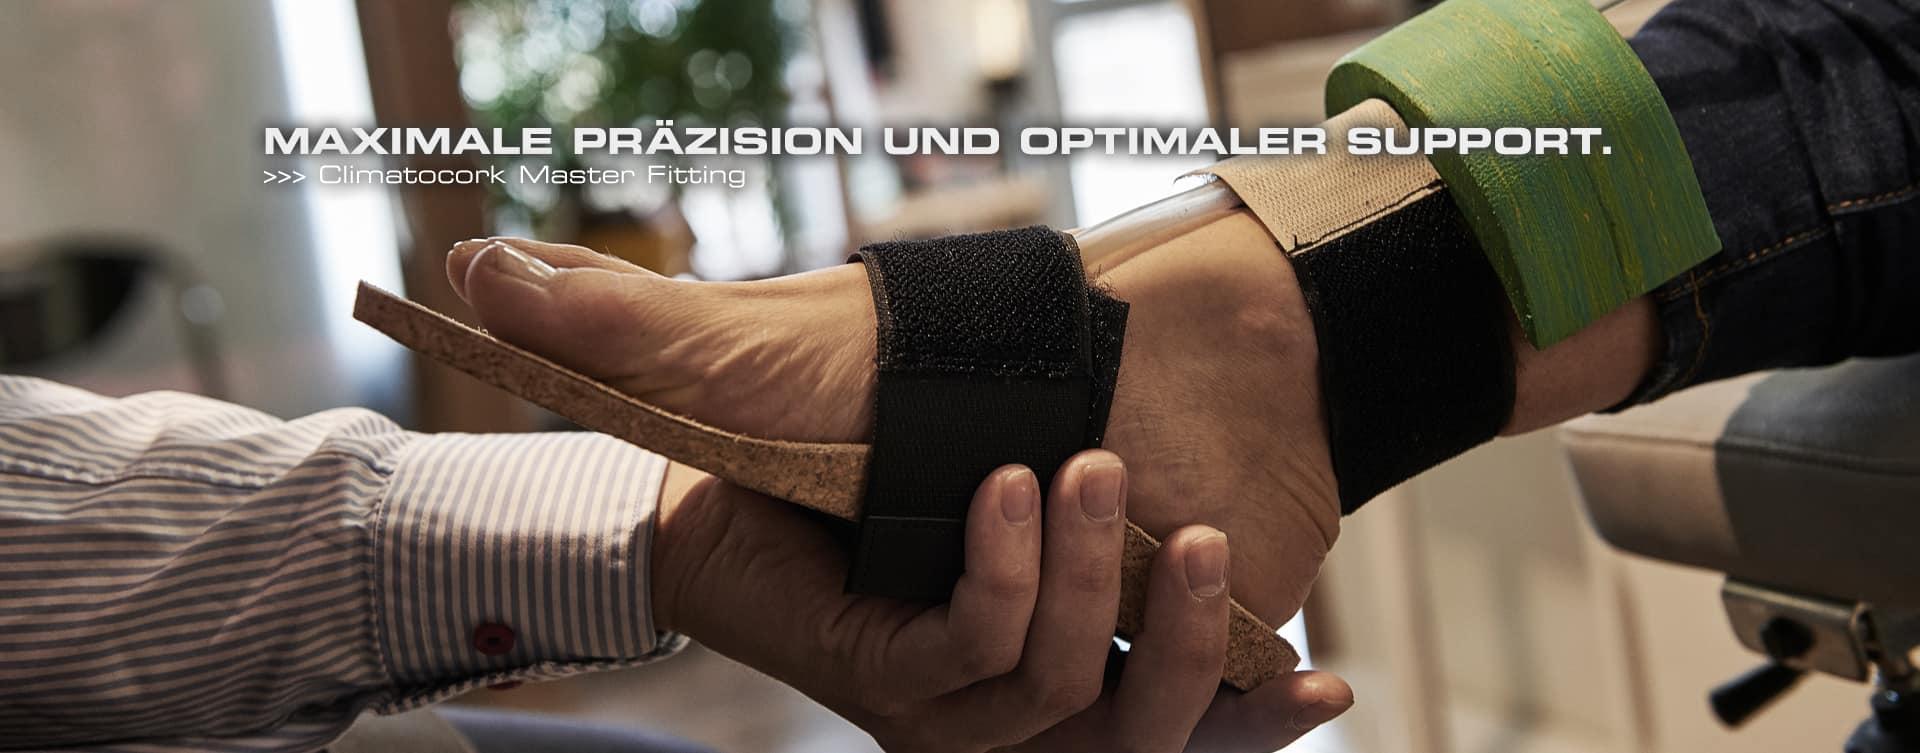 Optimaler Support und Tragekomfort für maximale Performance, gehen bei unserem Climatocork Master Fitting Hand in Hand.